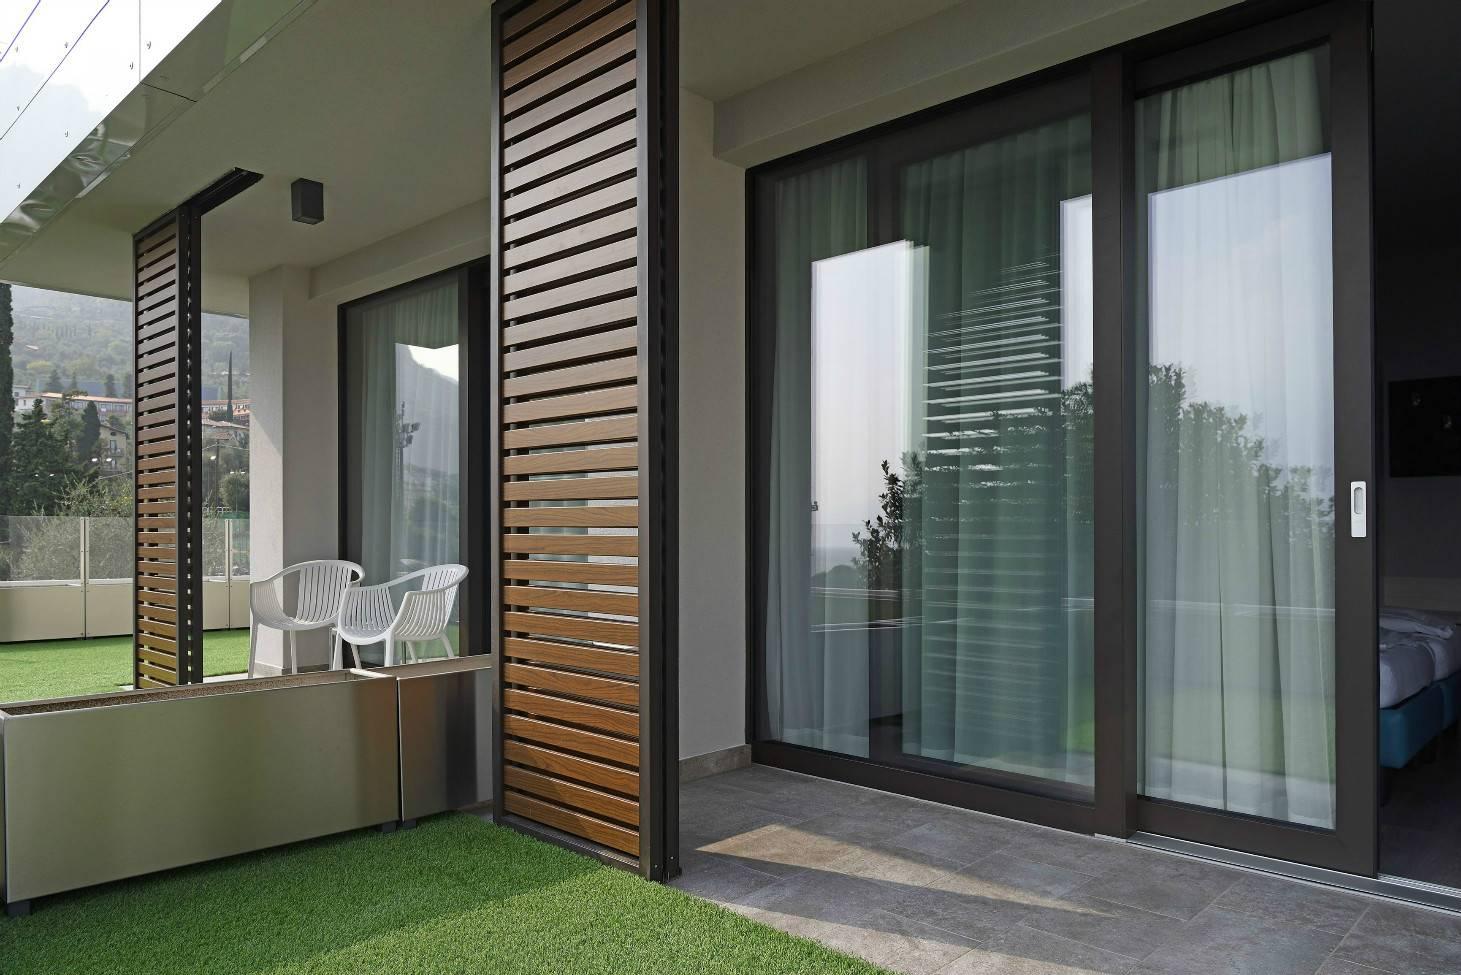 Панорамные французские окна в квартире: проект, согласование, установка